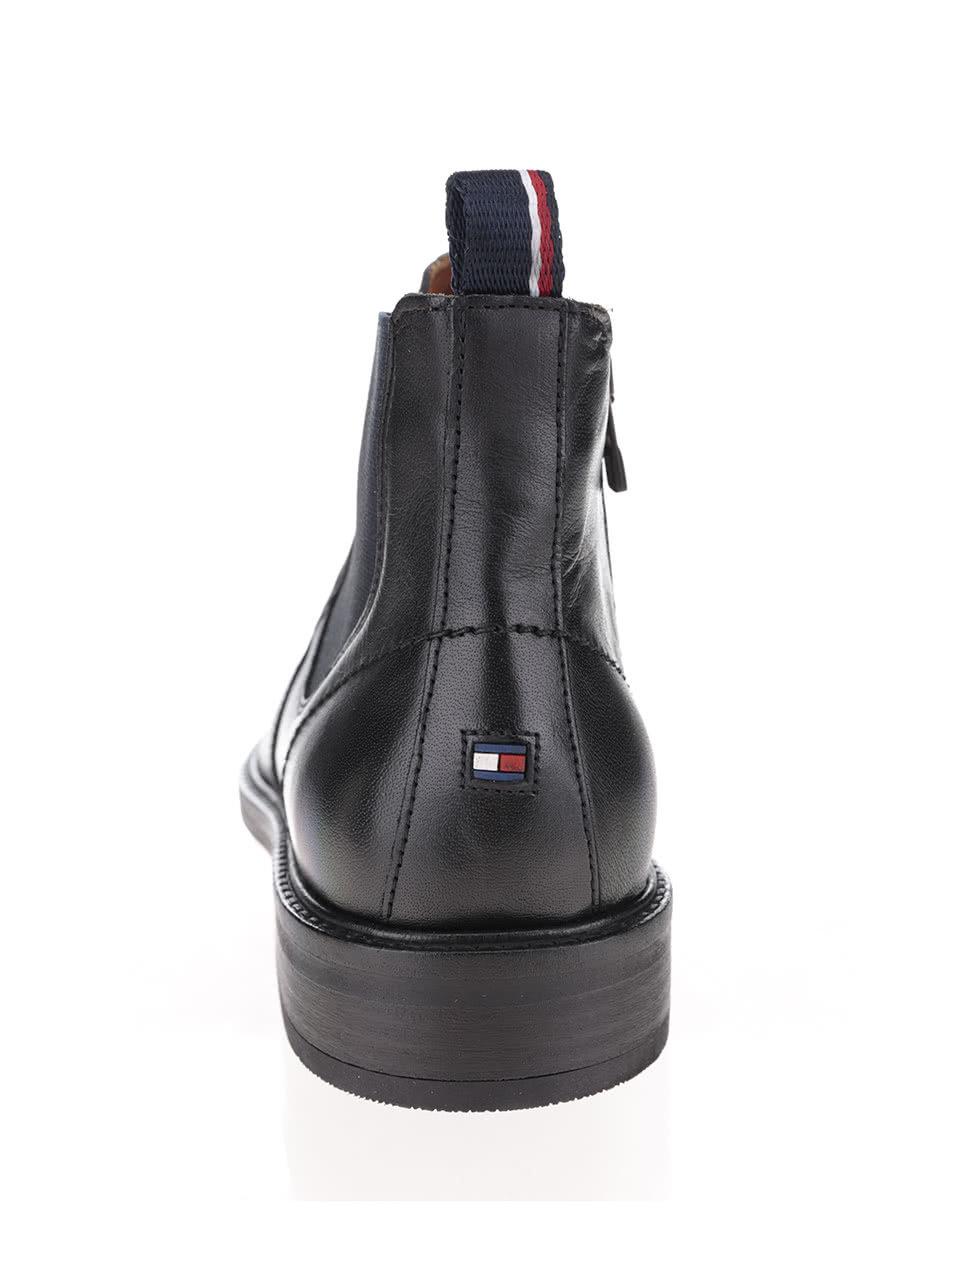 Černé pánské kožené chelsea boty Tommy Hilfiger ... 616c5d762a